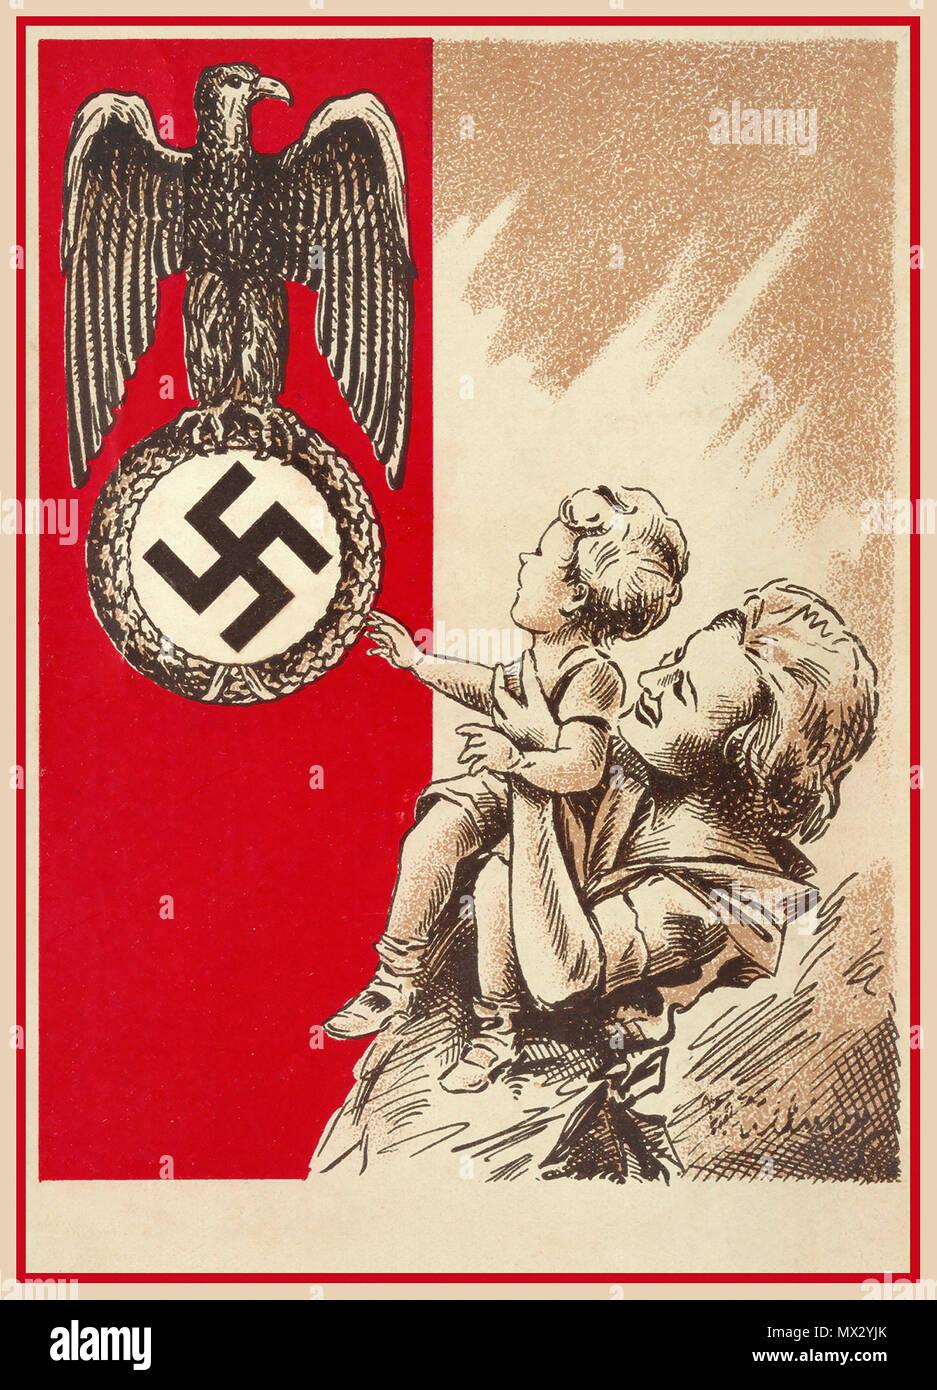 1939 Postal de Propaganda de la Alemania Nazi mostrando una madre y su hijo con la Patria y el águila Nazi de la esvástica como un símbolo nacional de tutor a ser reverenciado respetado y admirado... Imagen De Stock